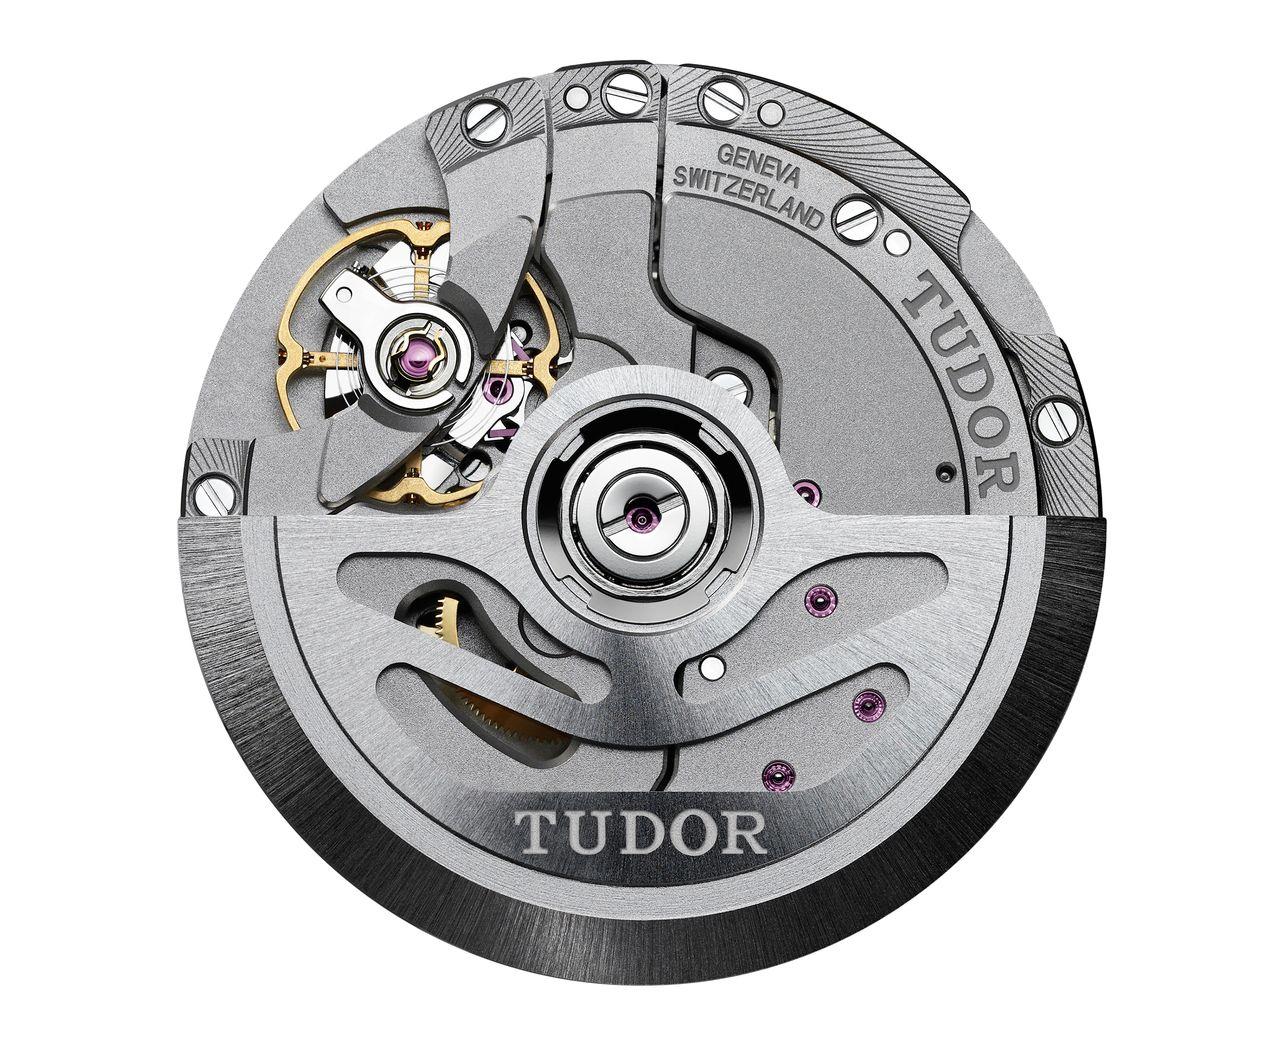 Tudor Black Bay GMT - kronométer-tanúsítvánnyal ellátott MT5625-ös kaliber, 70 órás járástartalékkal